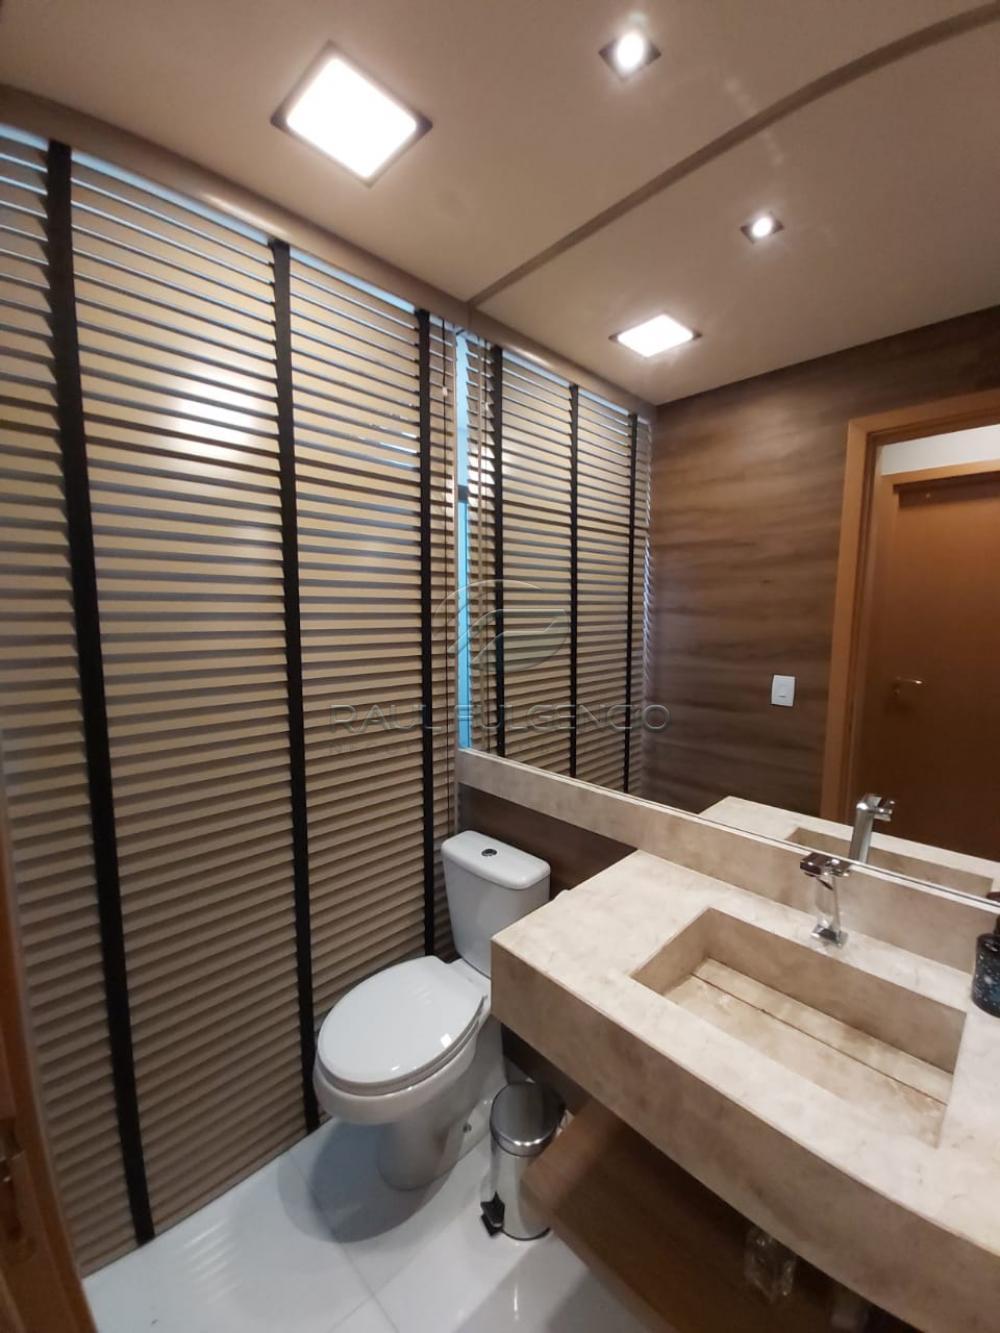 Comprar Apartamento / Padrão em Londrina apenas R$ 545.000,00 - Foto 11